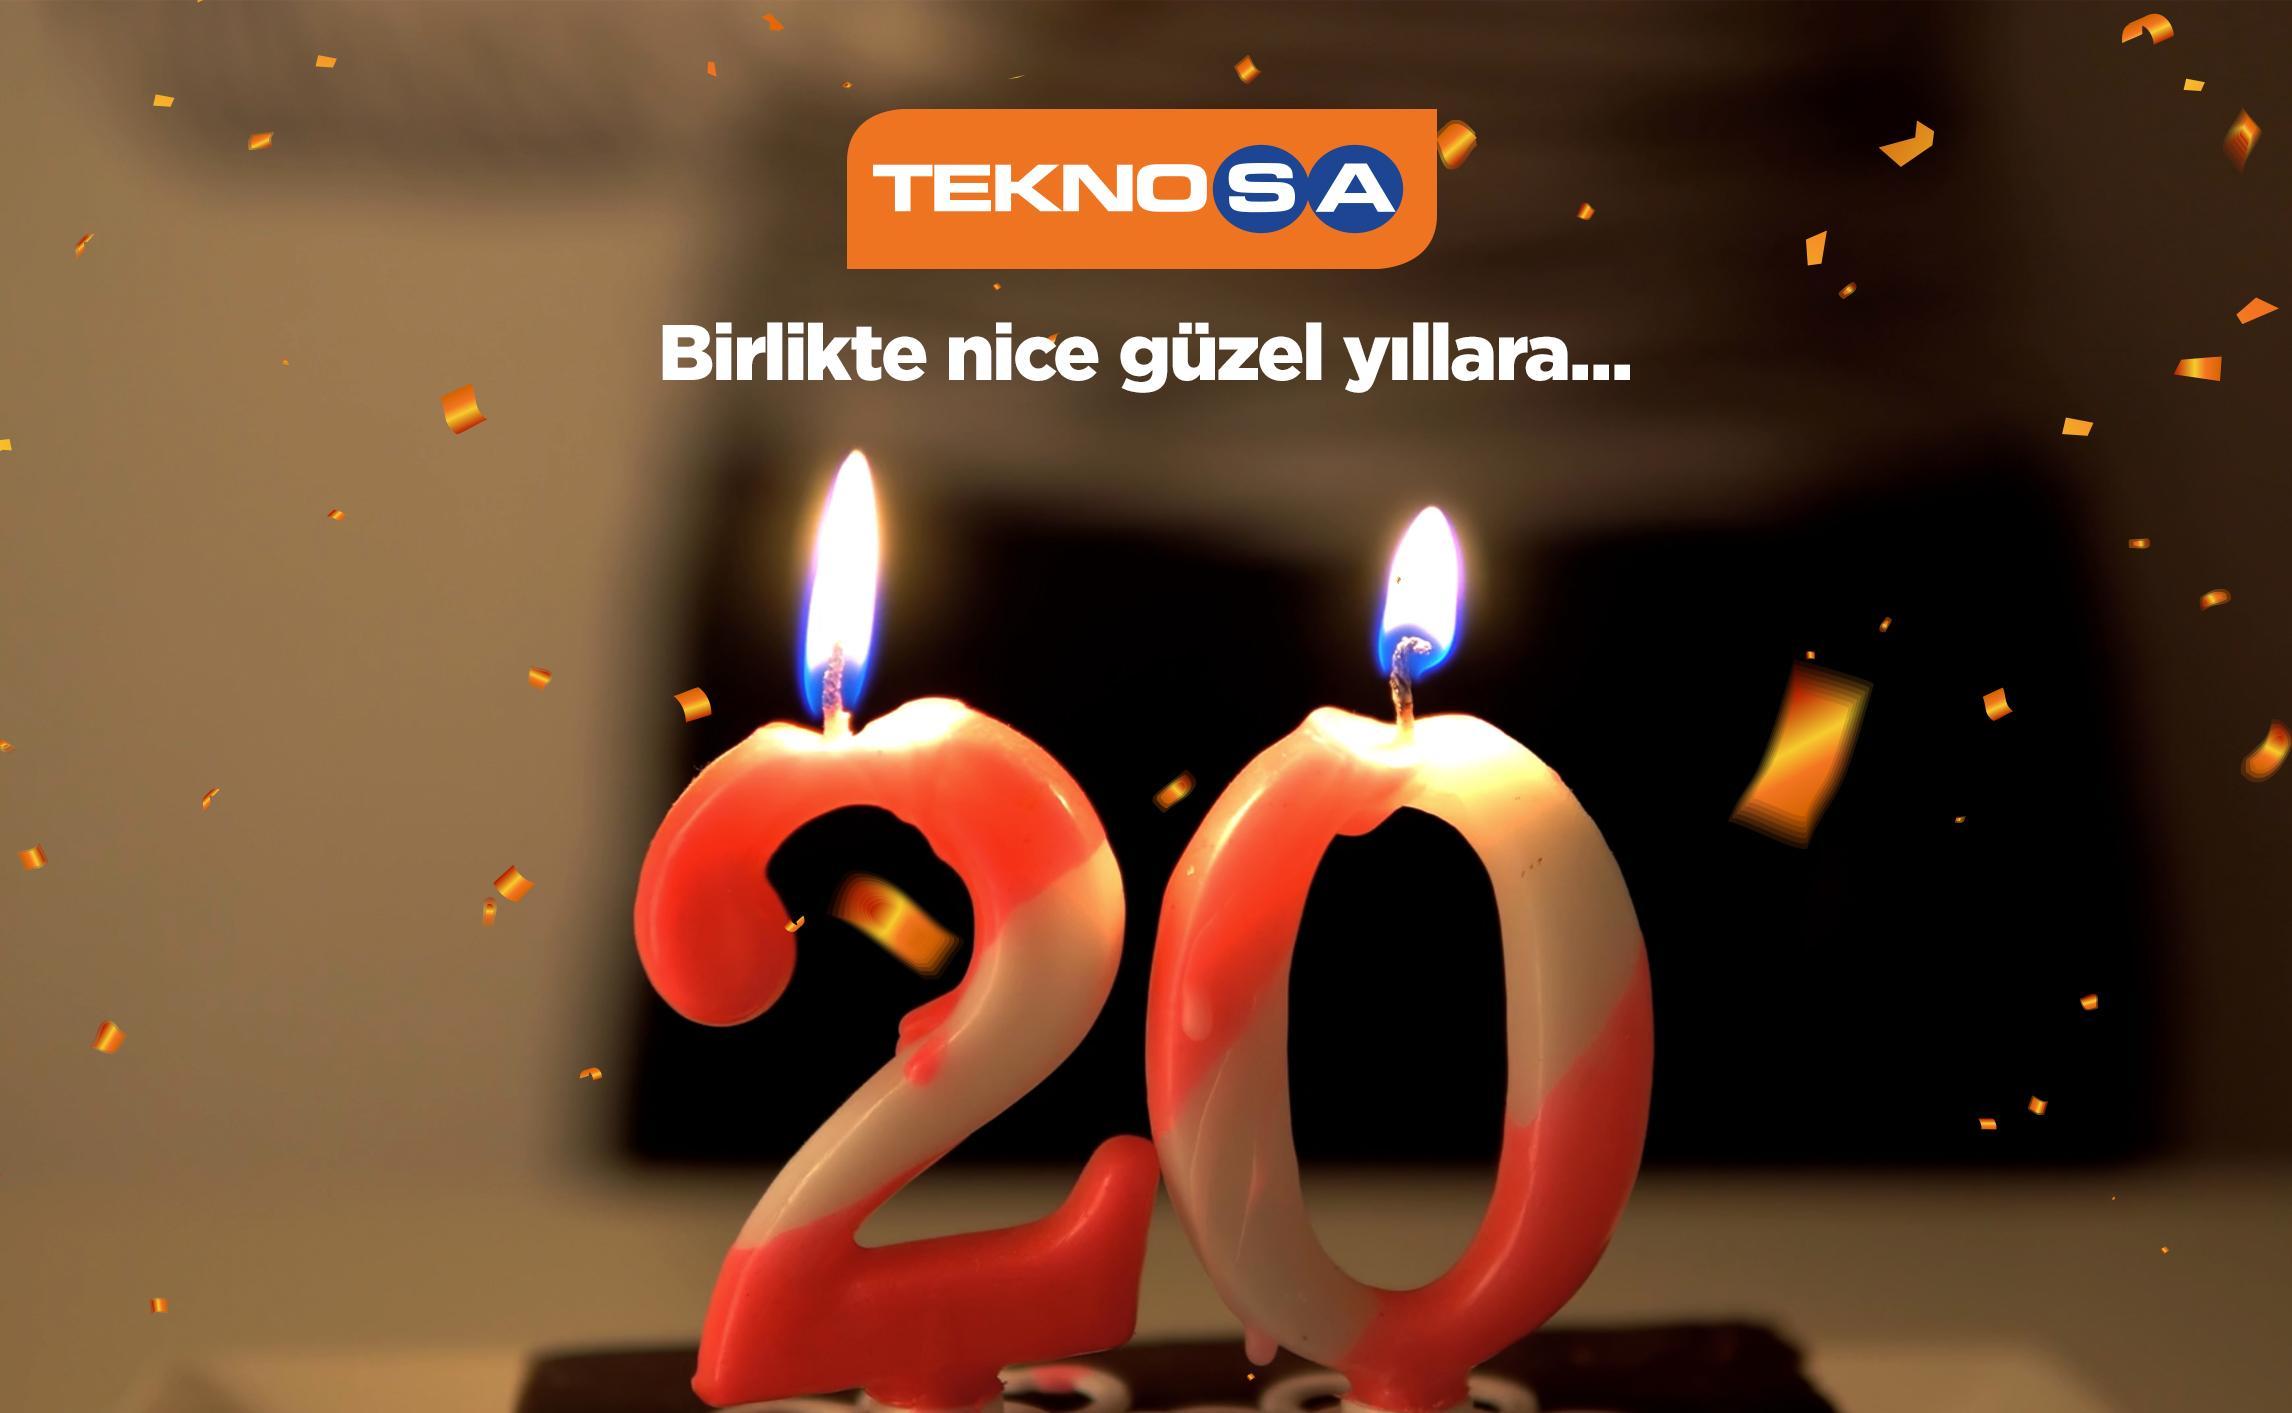 Teknosa'dan 20'nci yaşına özel reklam